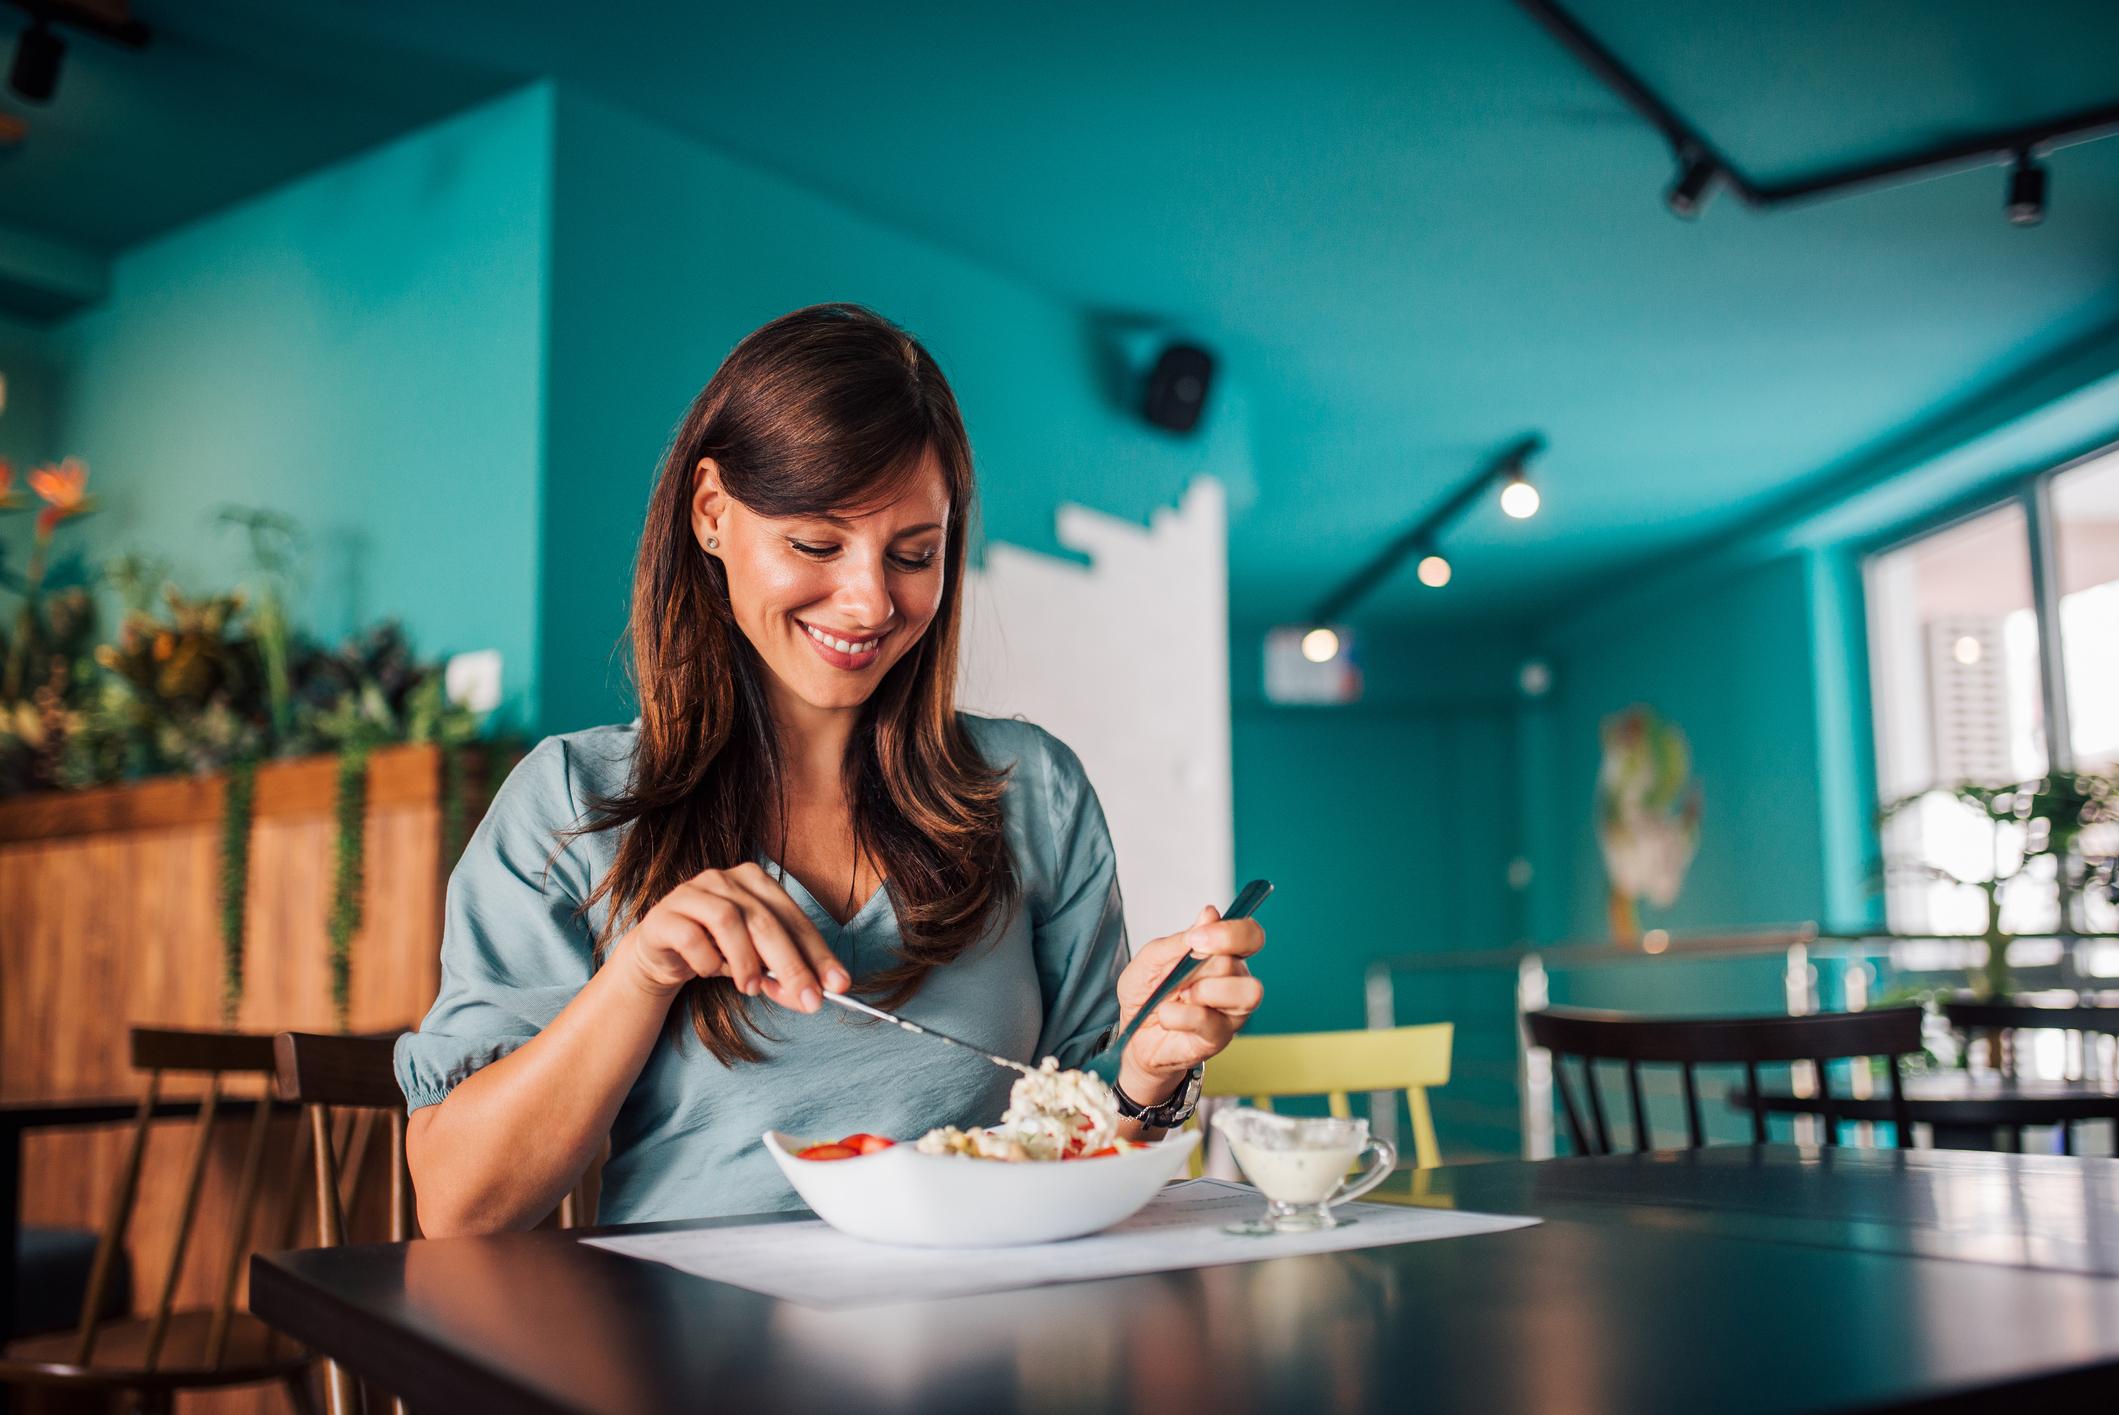 Kvalitetan jelovnik dugoročno igra pozitivnu ulogu u očuvanju našeg reproduktivnog zdravlja.